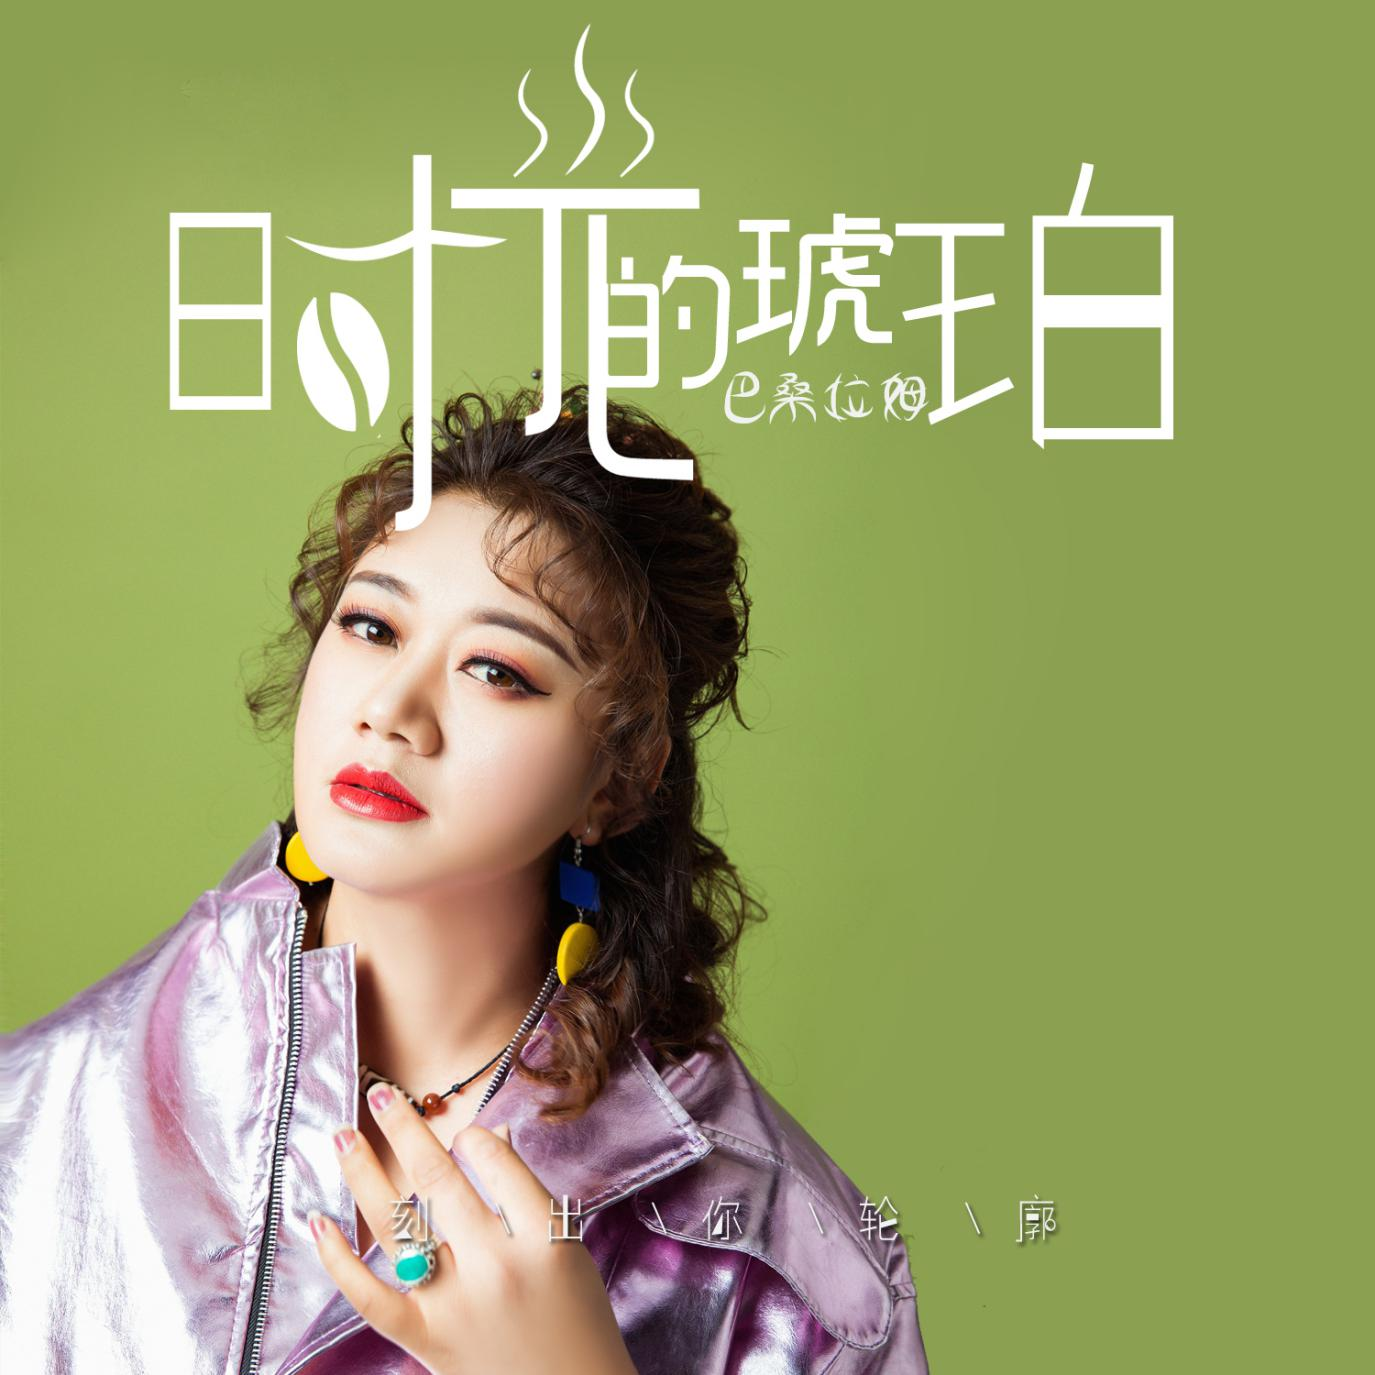 网络爸爸注册码(改款明锐)藏族女高音巴桑拉姆新歌《韶光的琥珀》上线